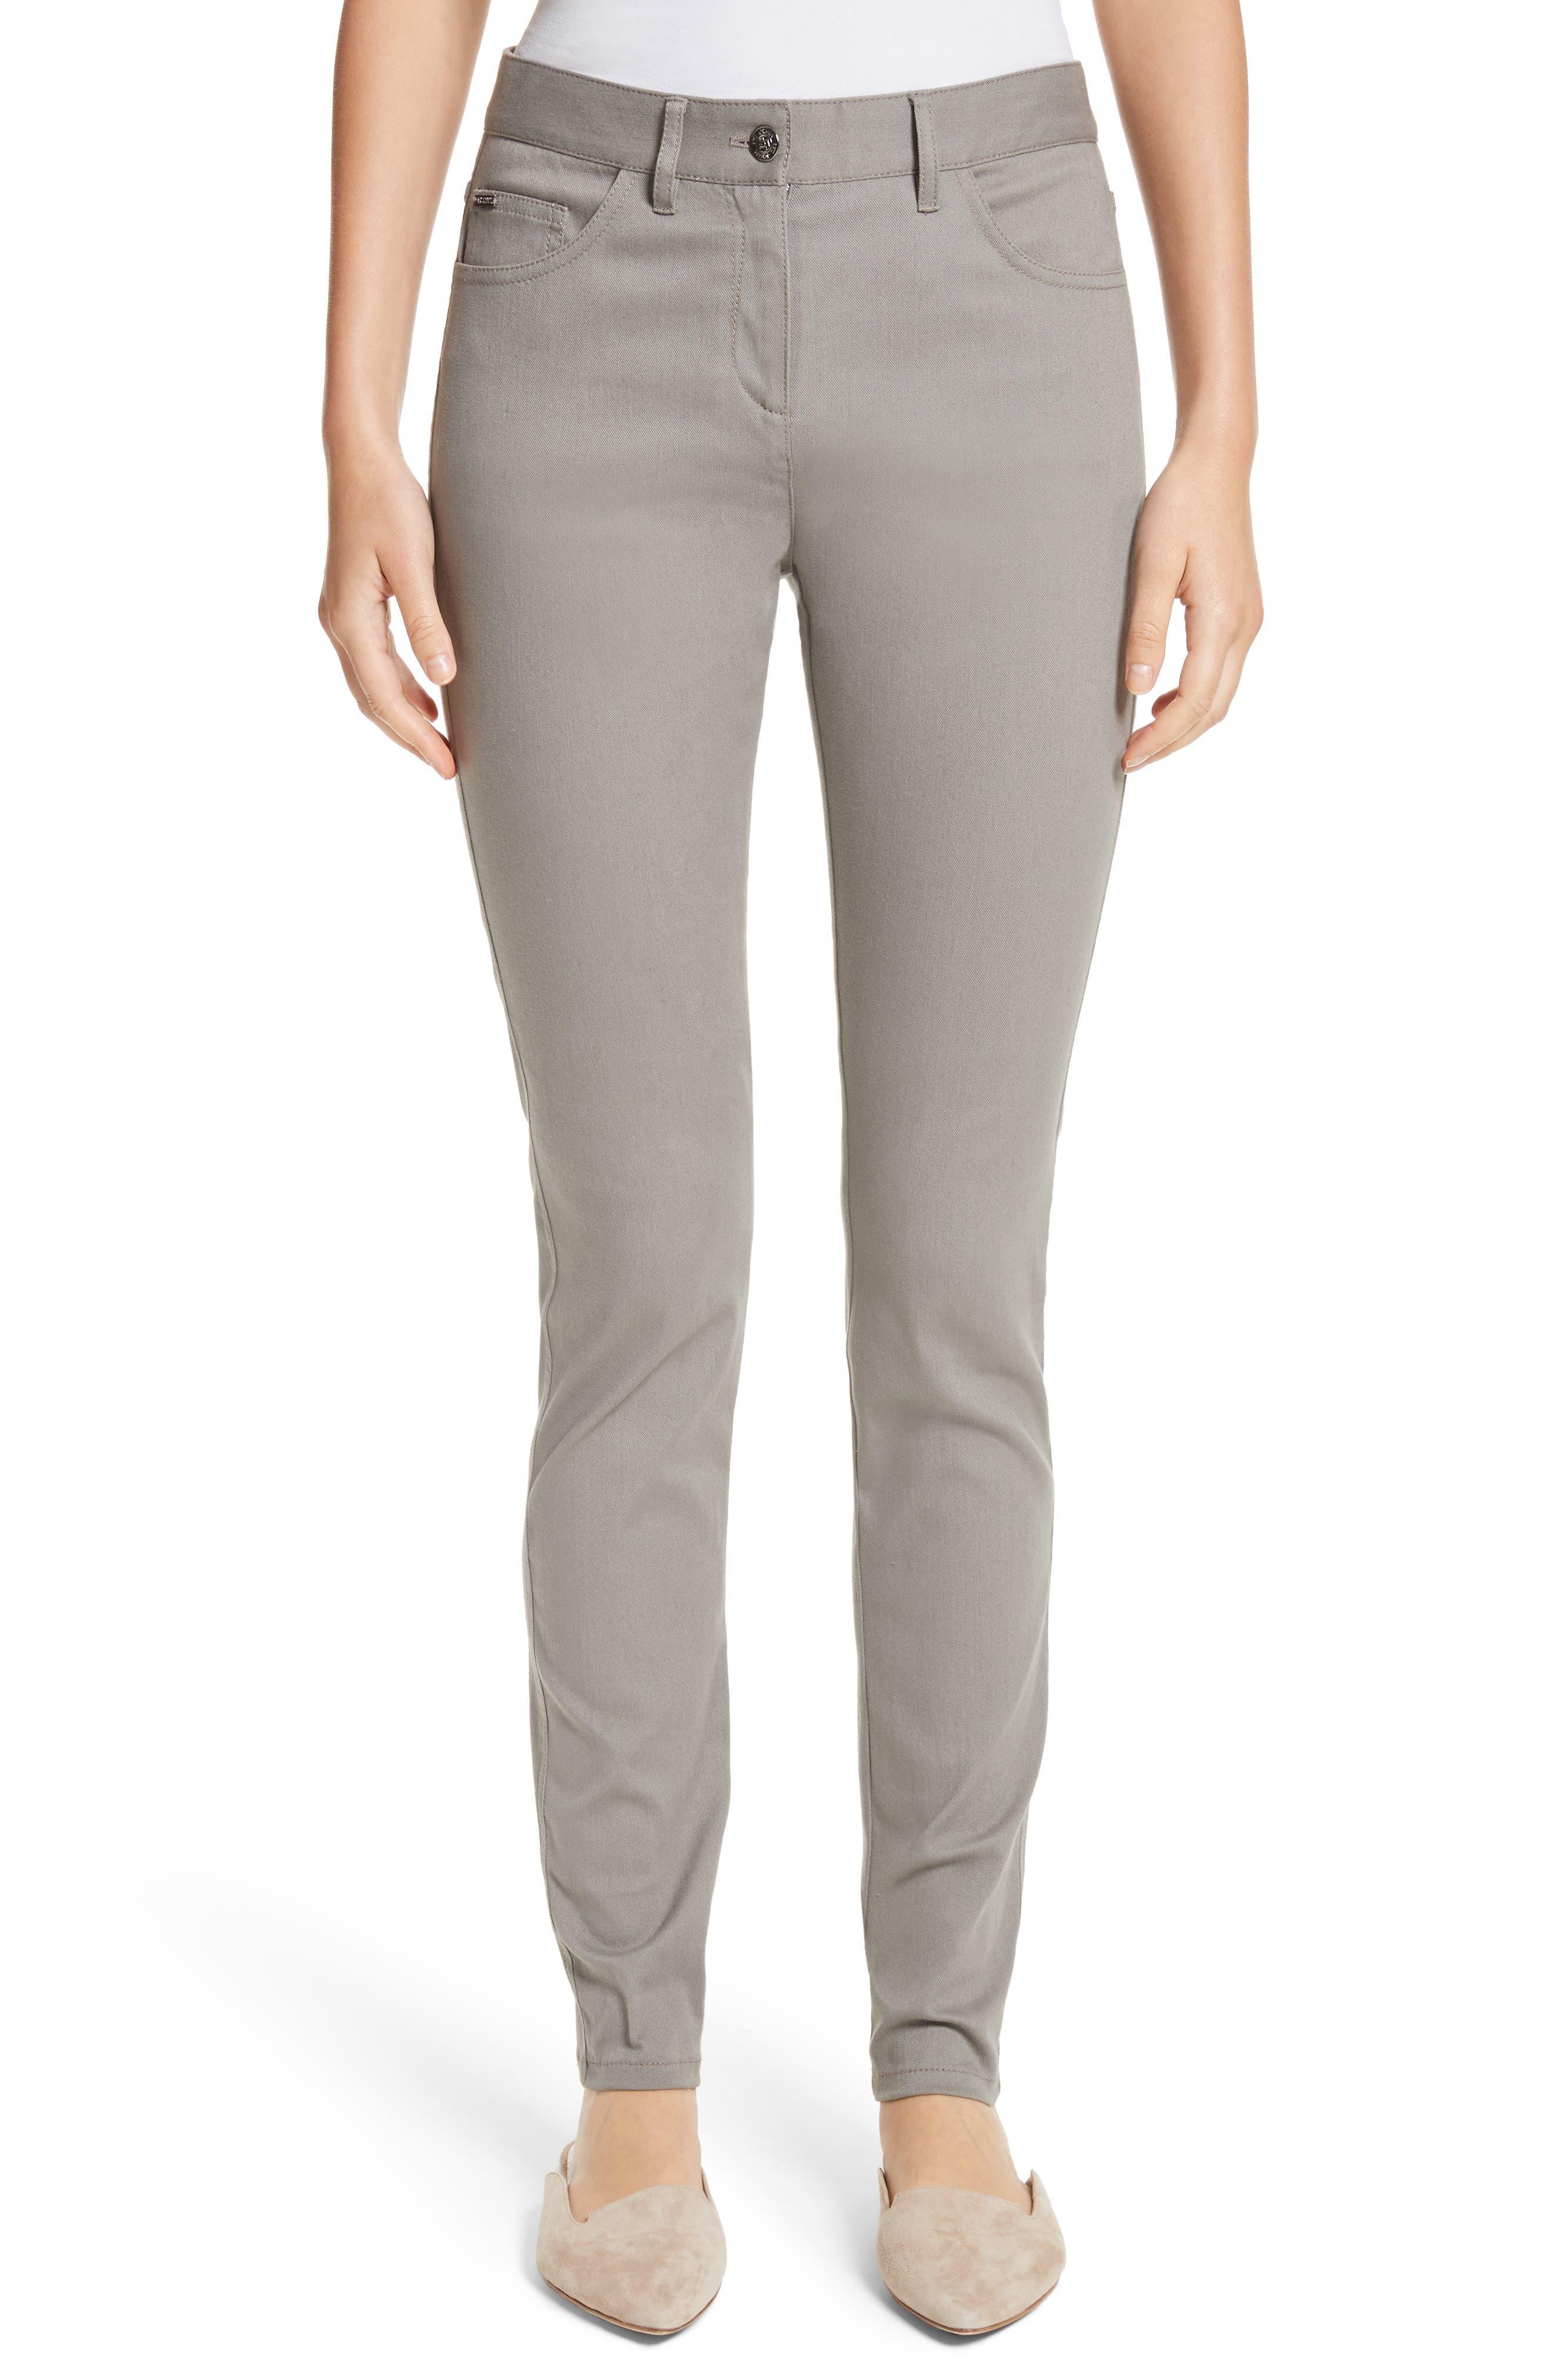 Bardot Double Dye Stretch Jeans,                             Main thumbnail 1, color,                             030